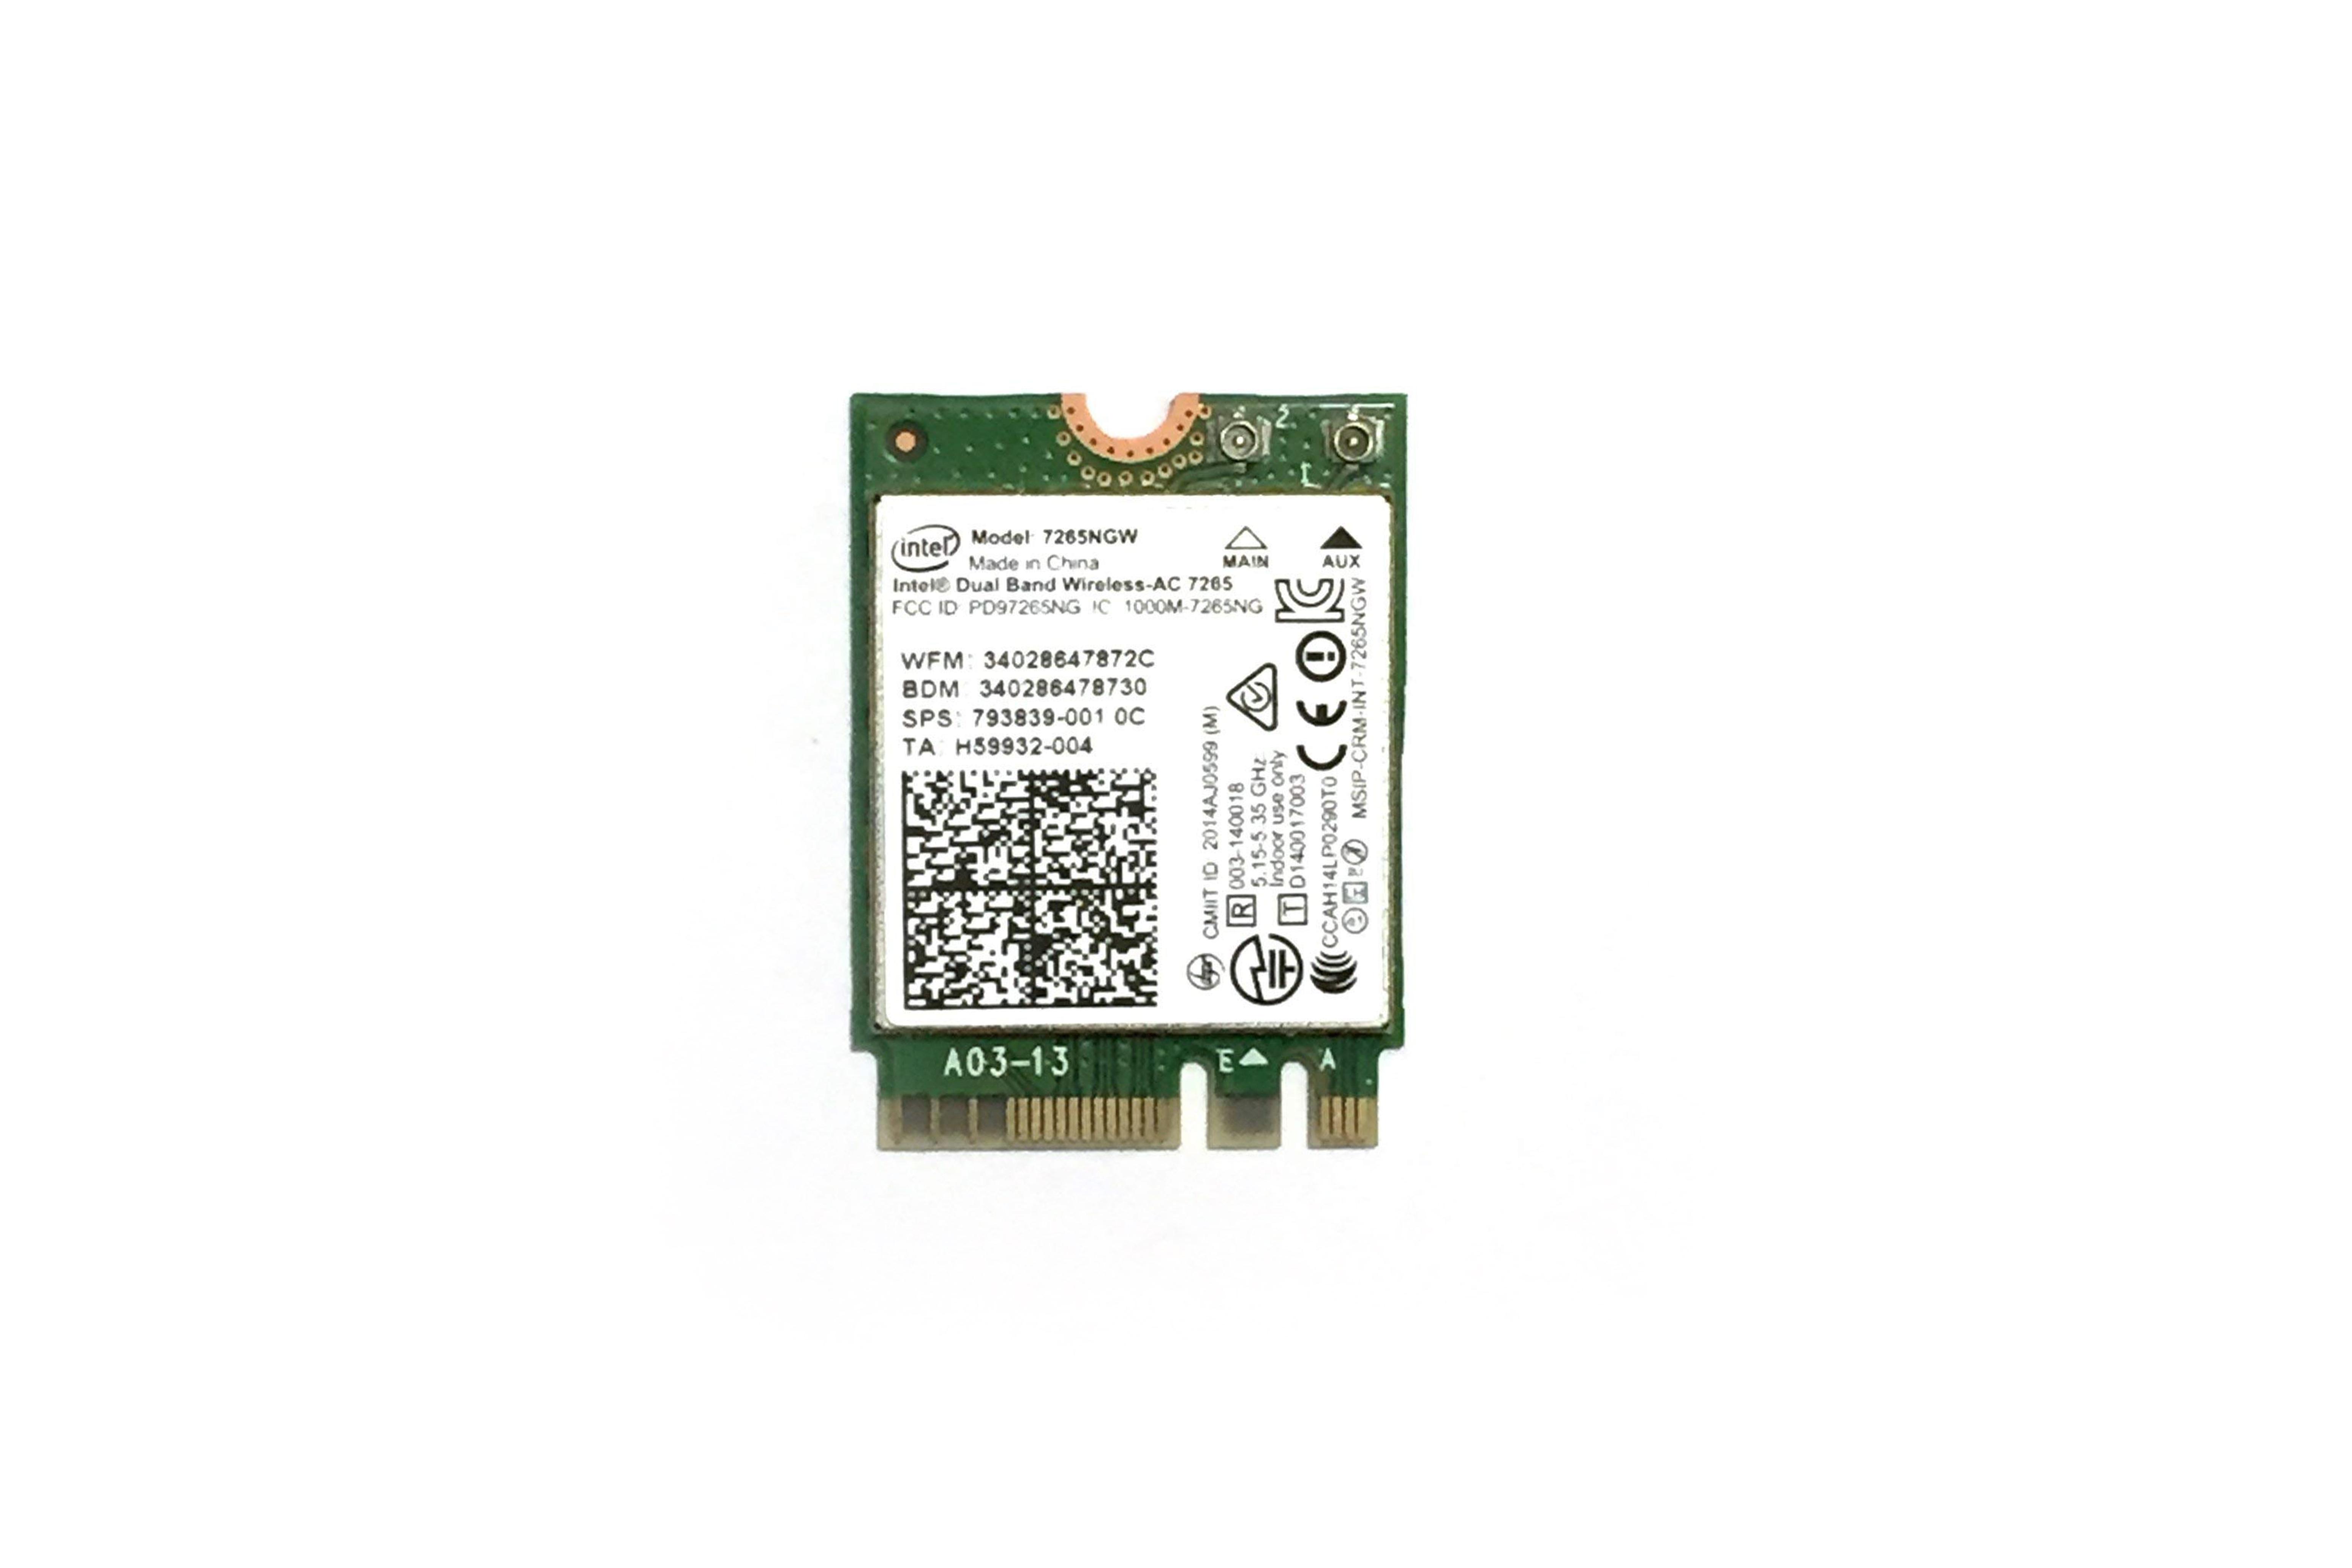 インテル デュアルバンドワイヤレスAC 7265アダプター